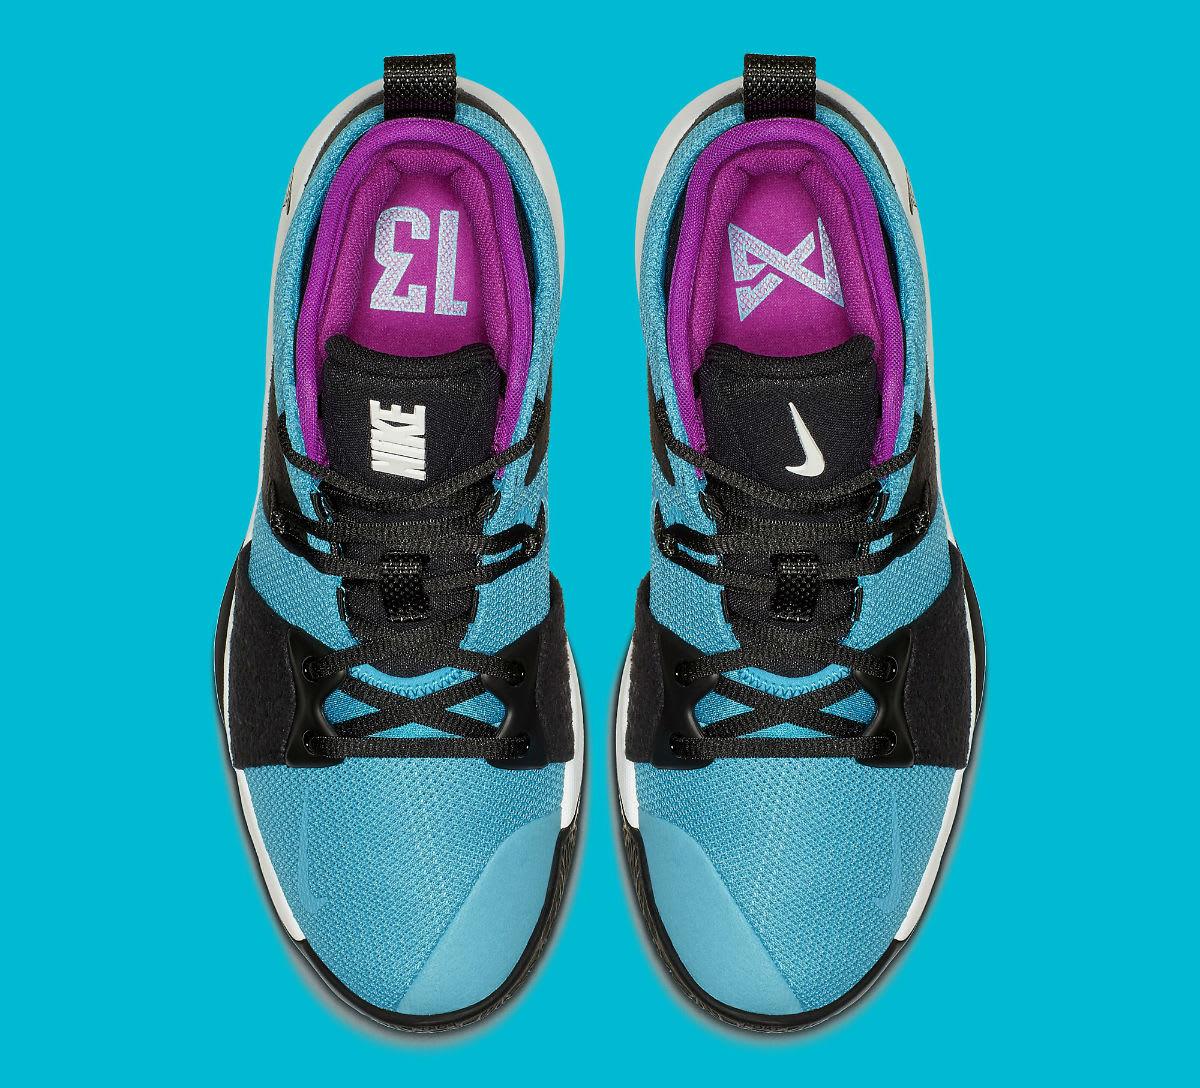 Nike PG 2 South Beach Blue Lagoon Release Date AJ2039-402 Top